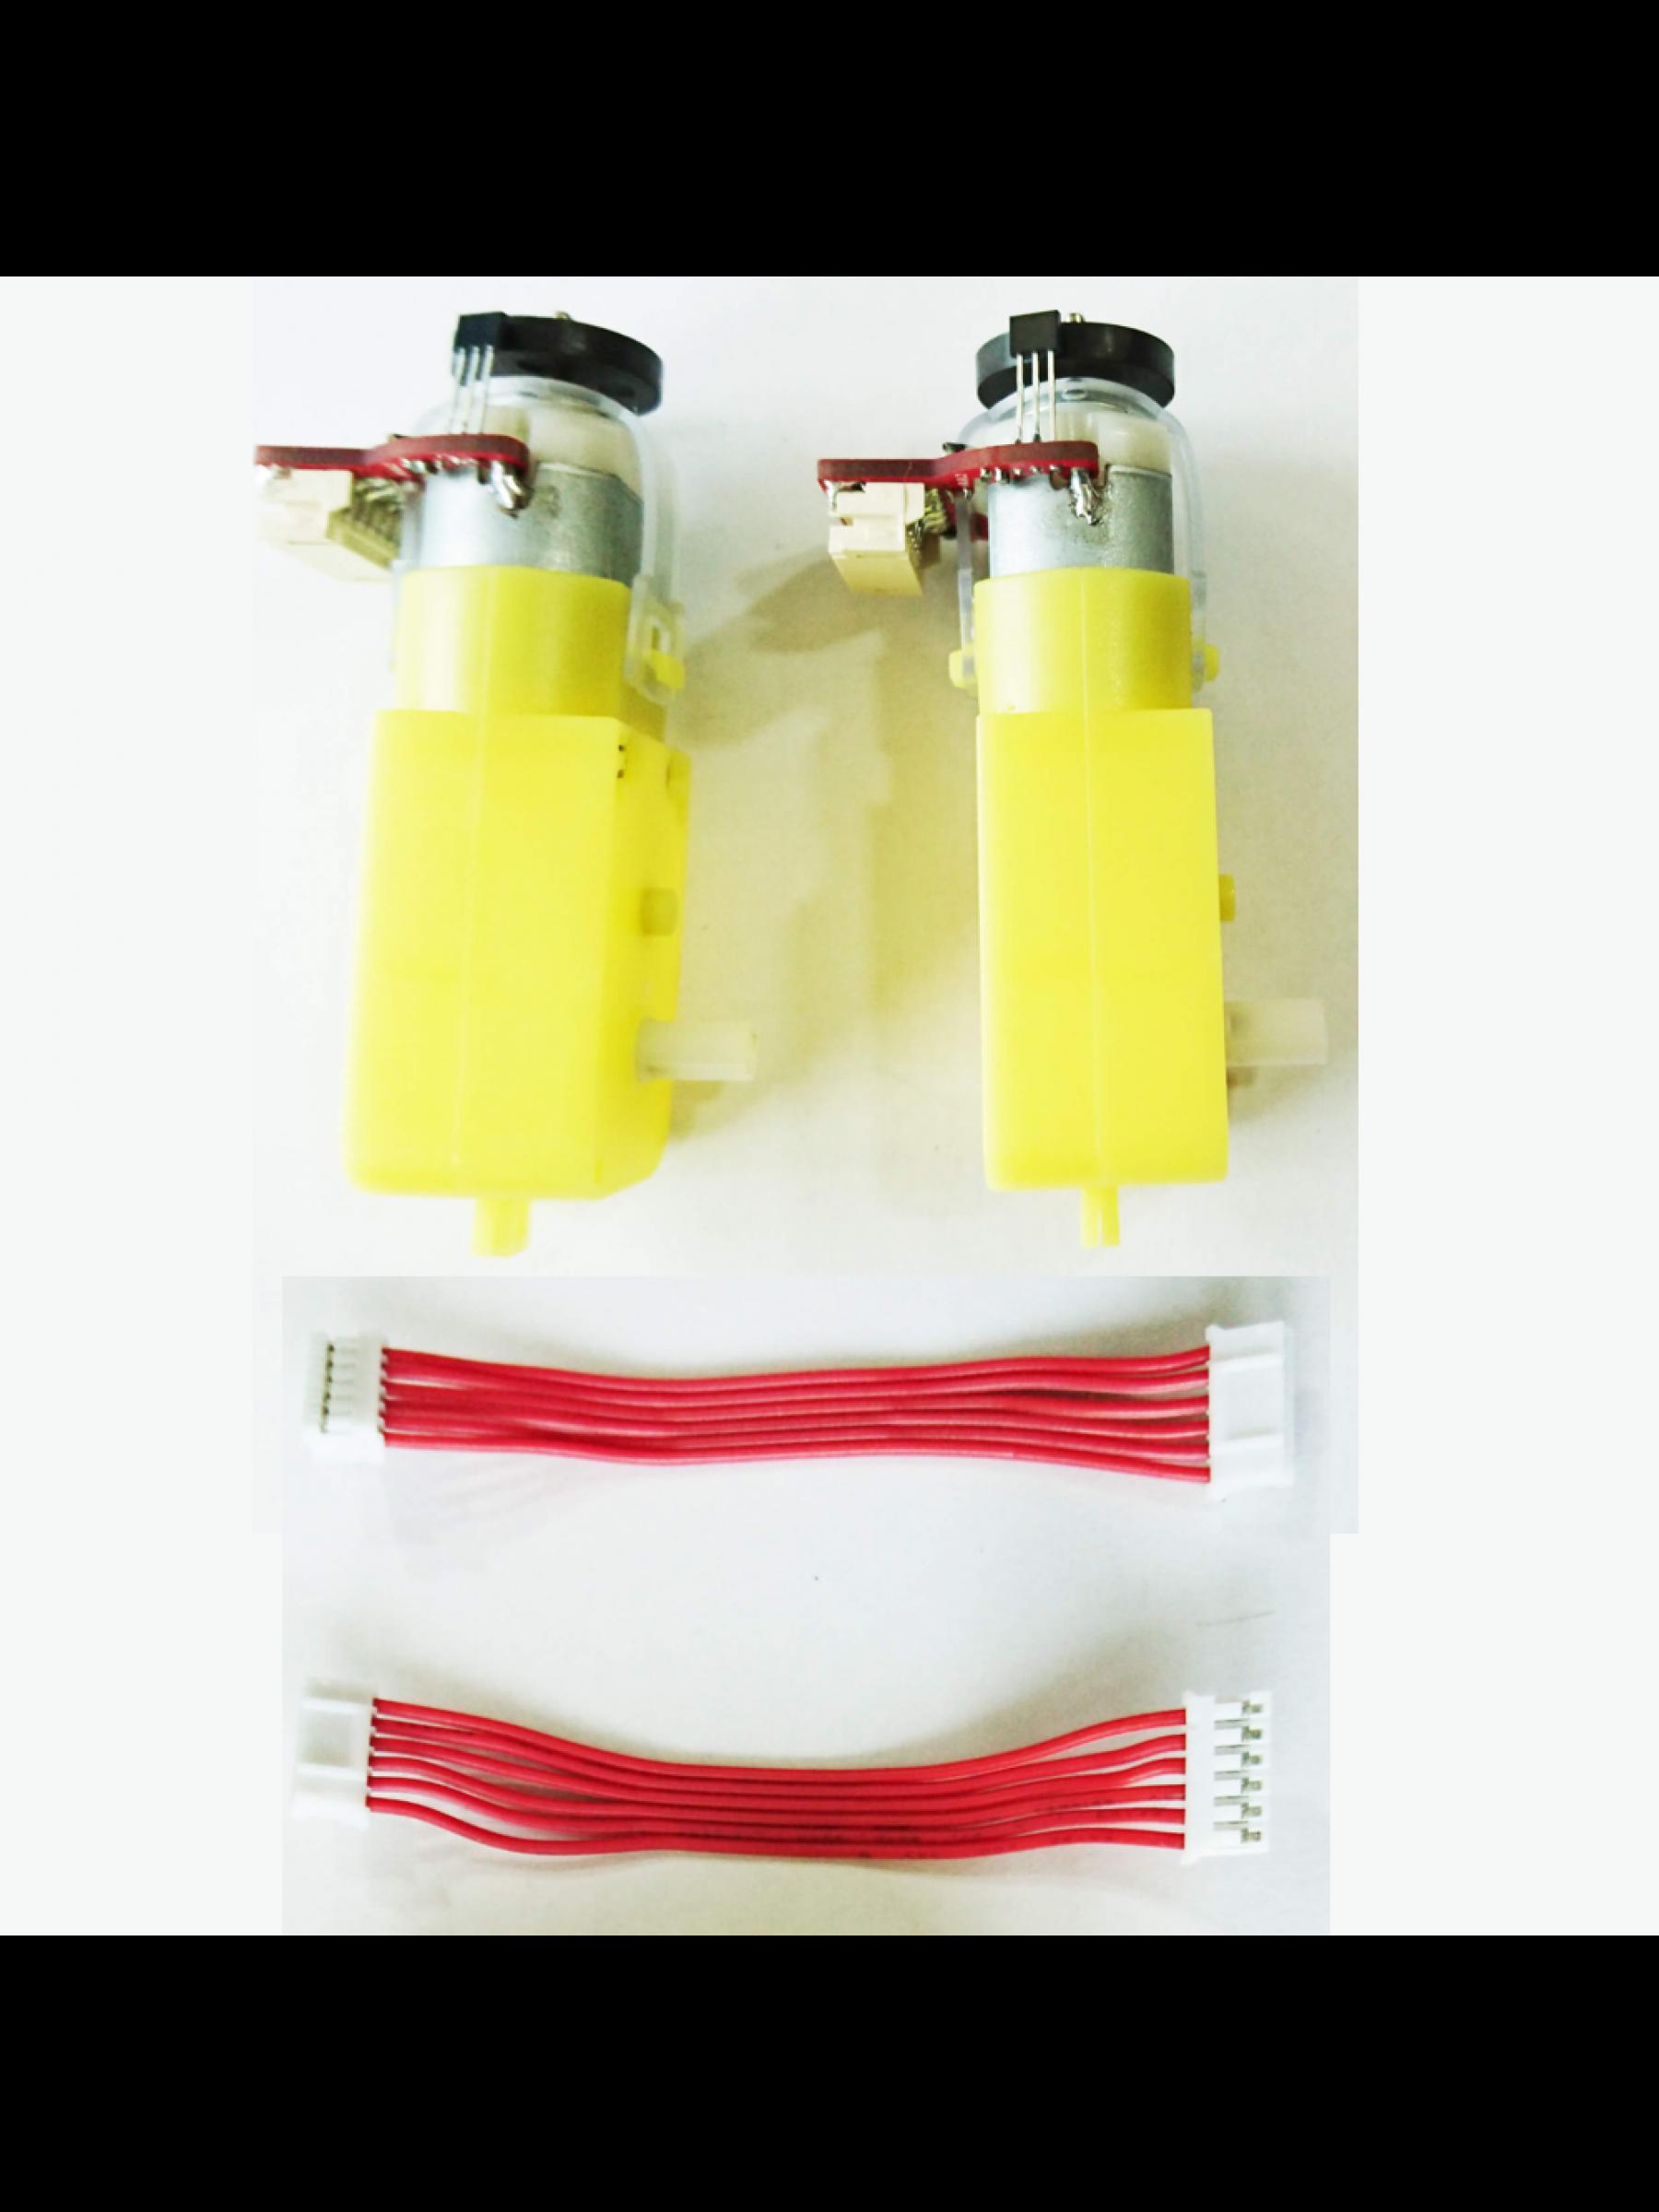 GoPiGo3 Motor Replacement Kit - Set of 2